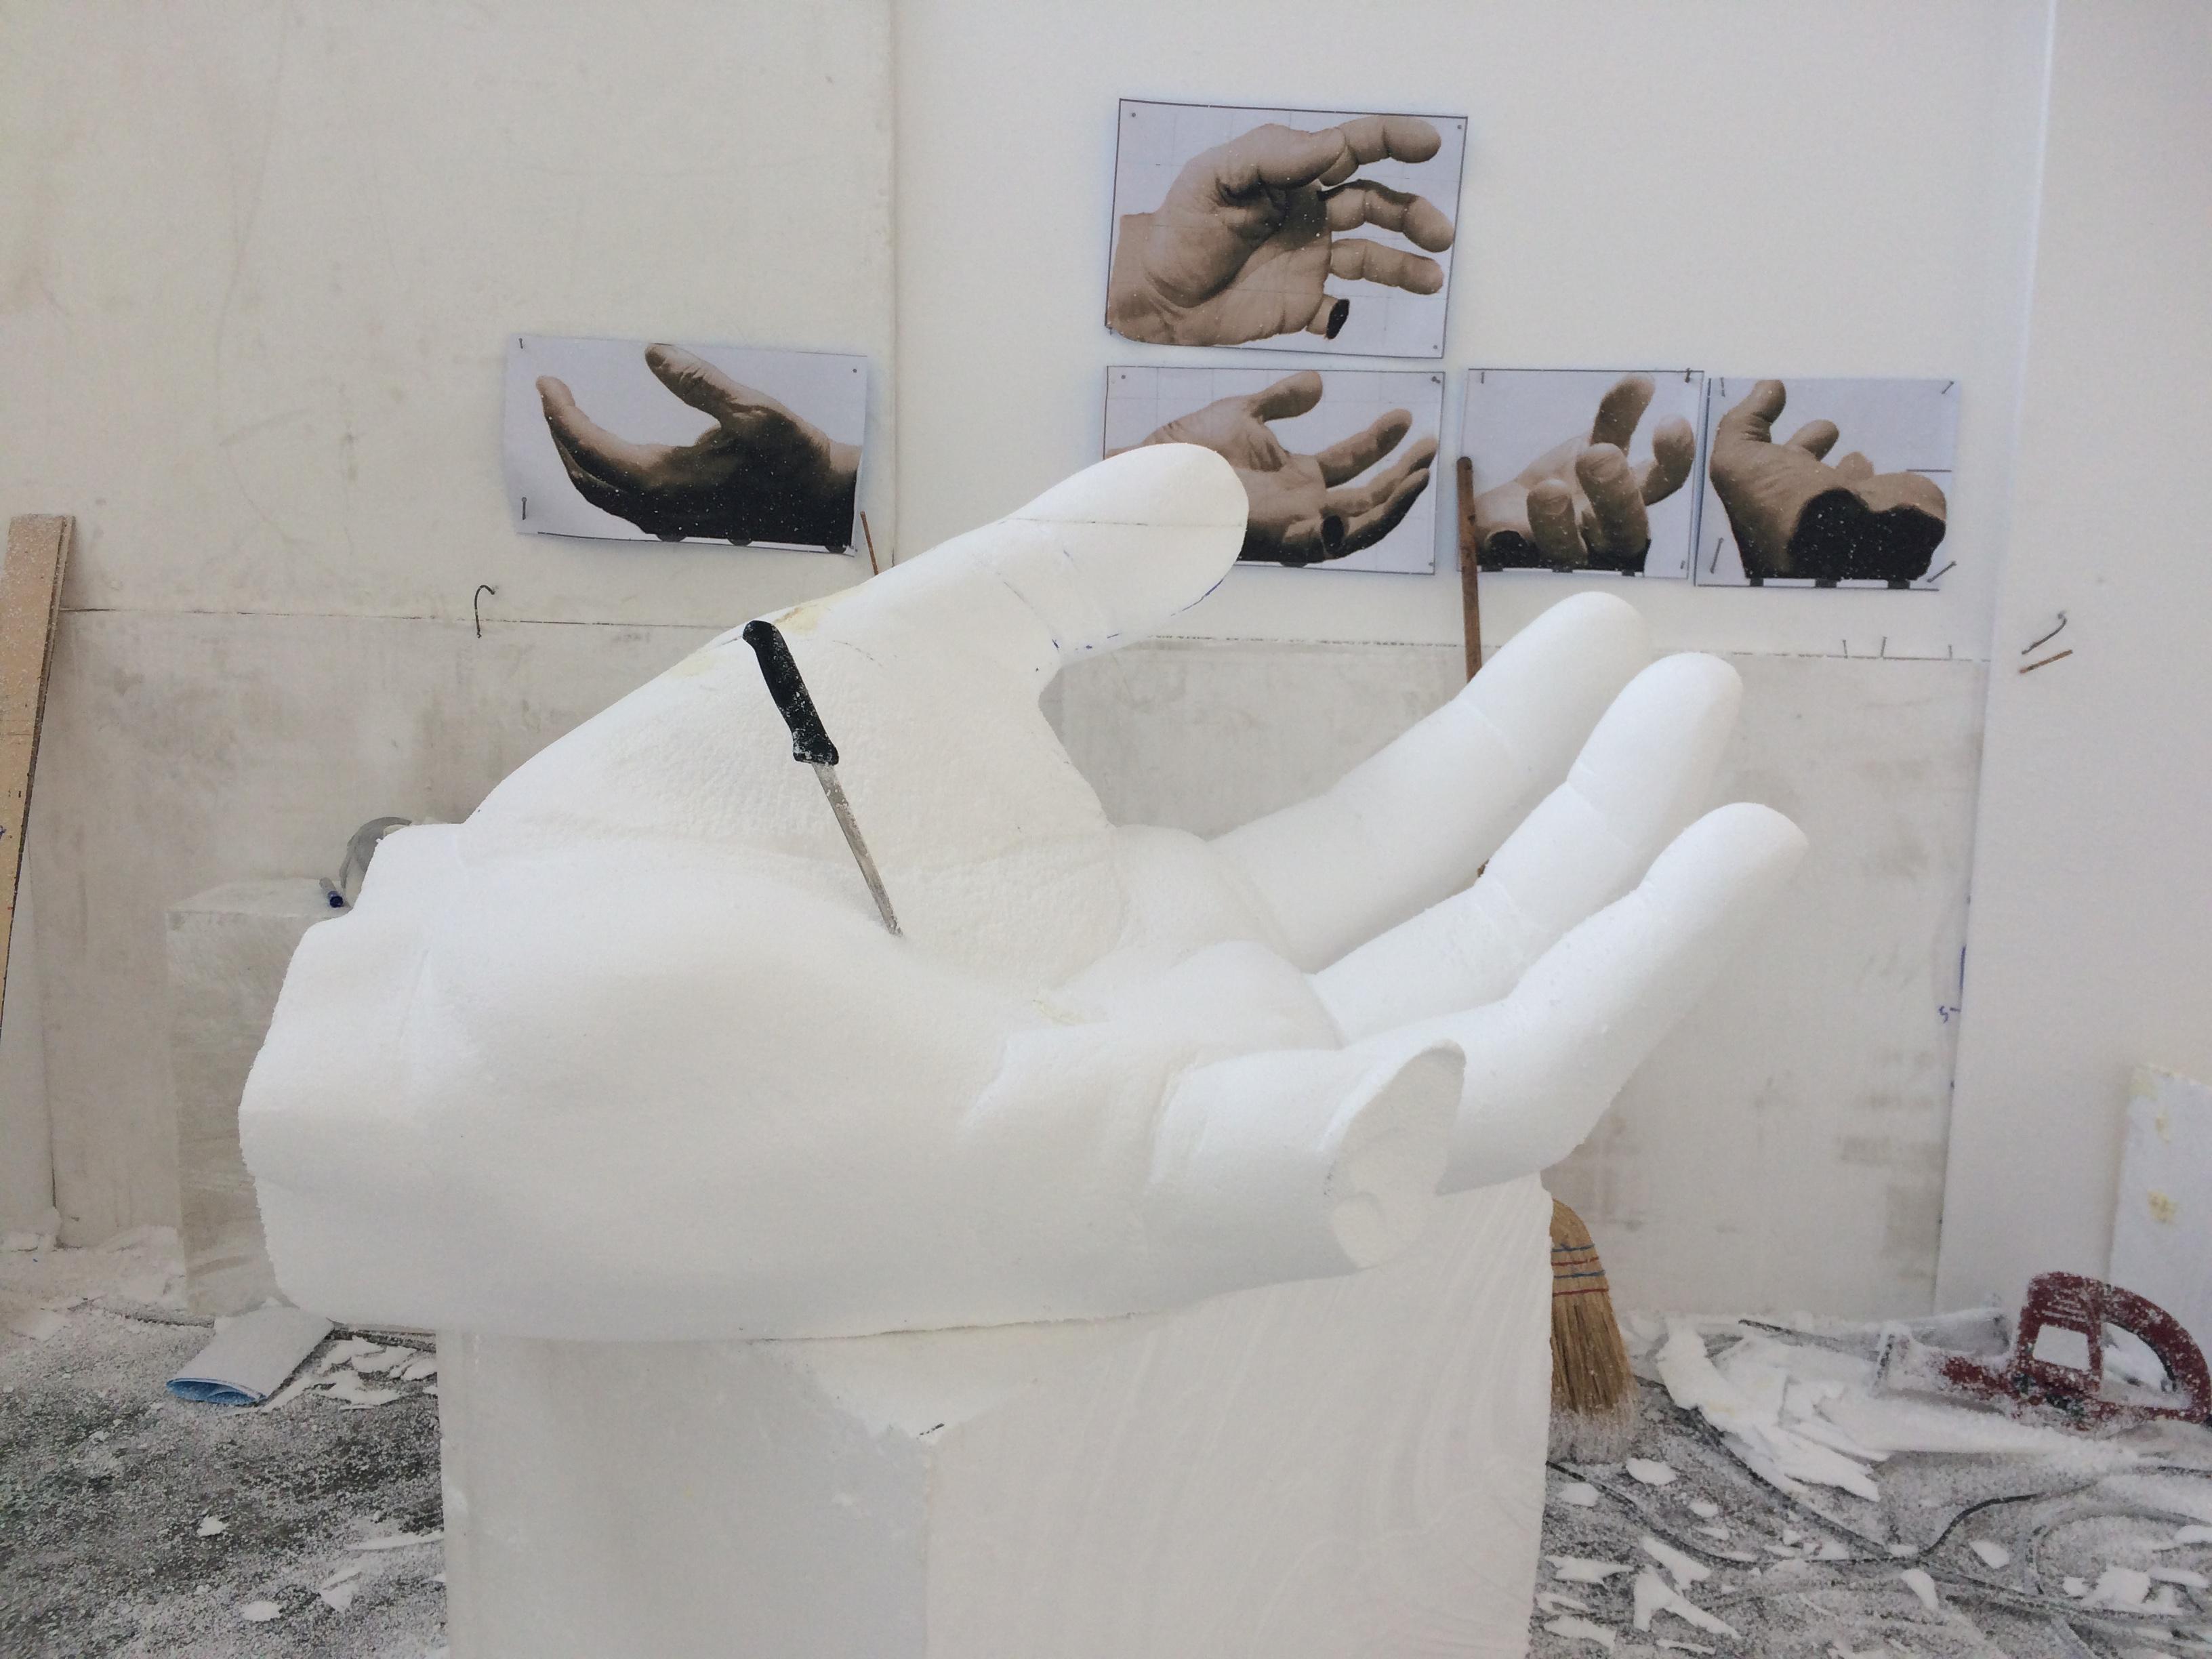 Hand sculpture detail